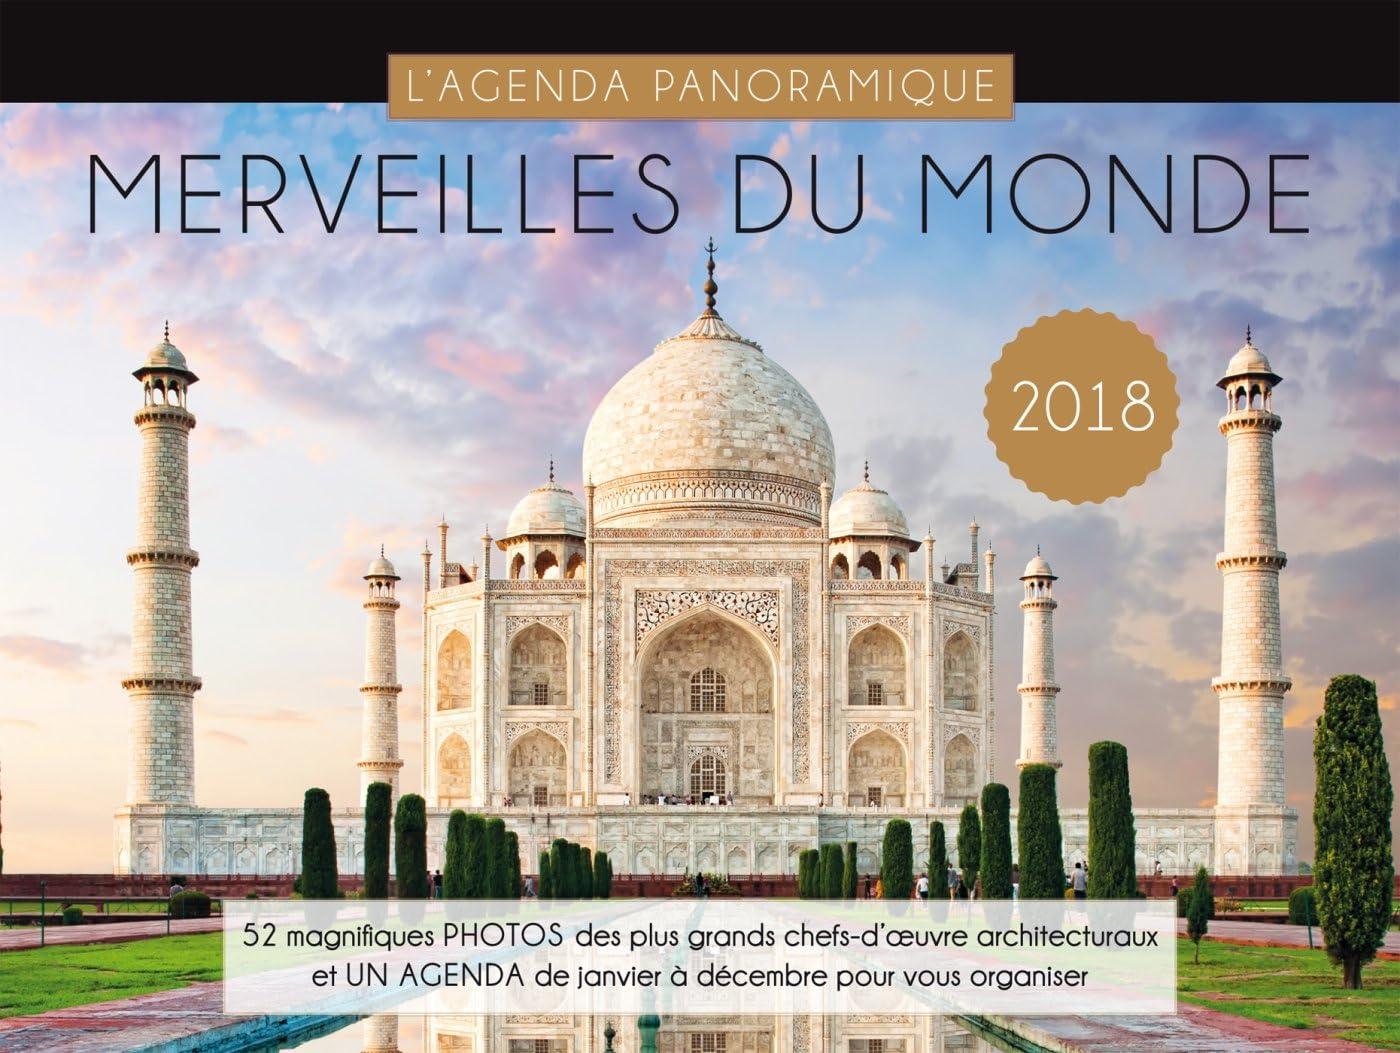 Agenda panorámica maravillas del mundo 2018: Collectif: Amazon.es: Oficina y papelería